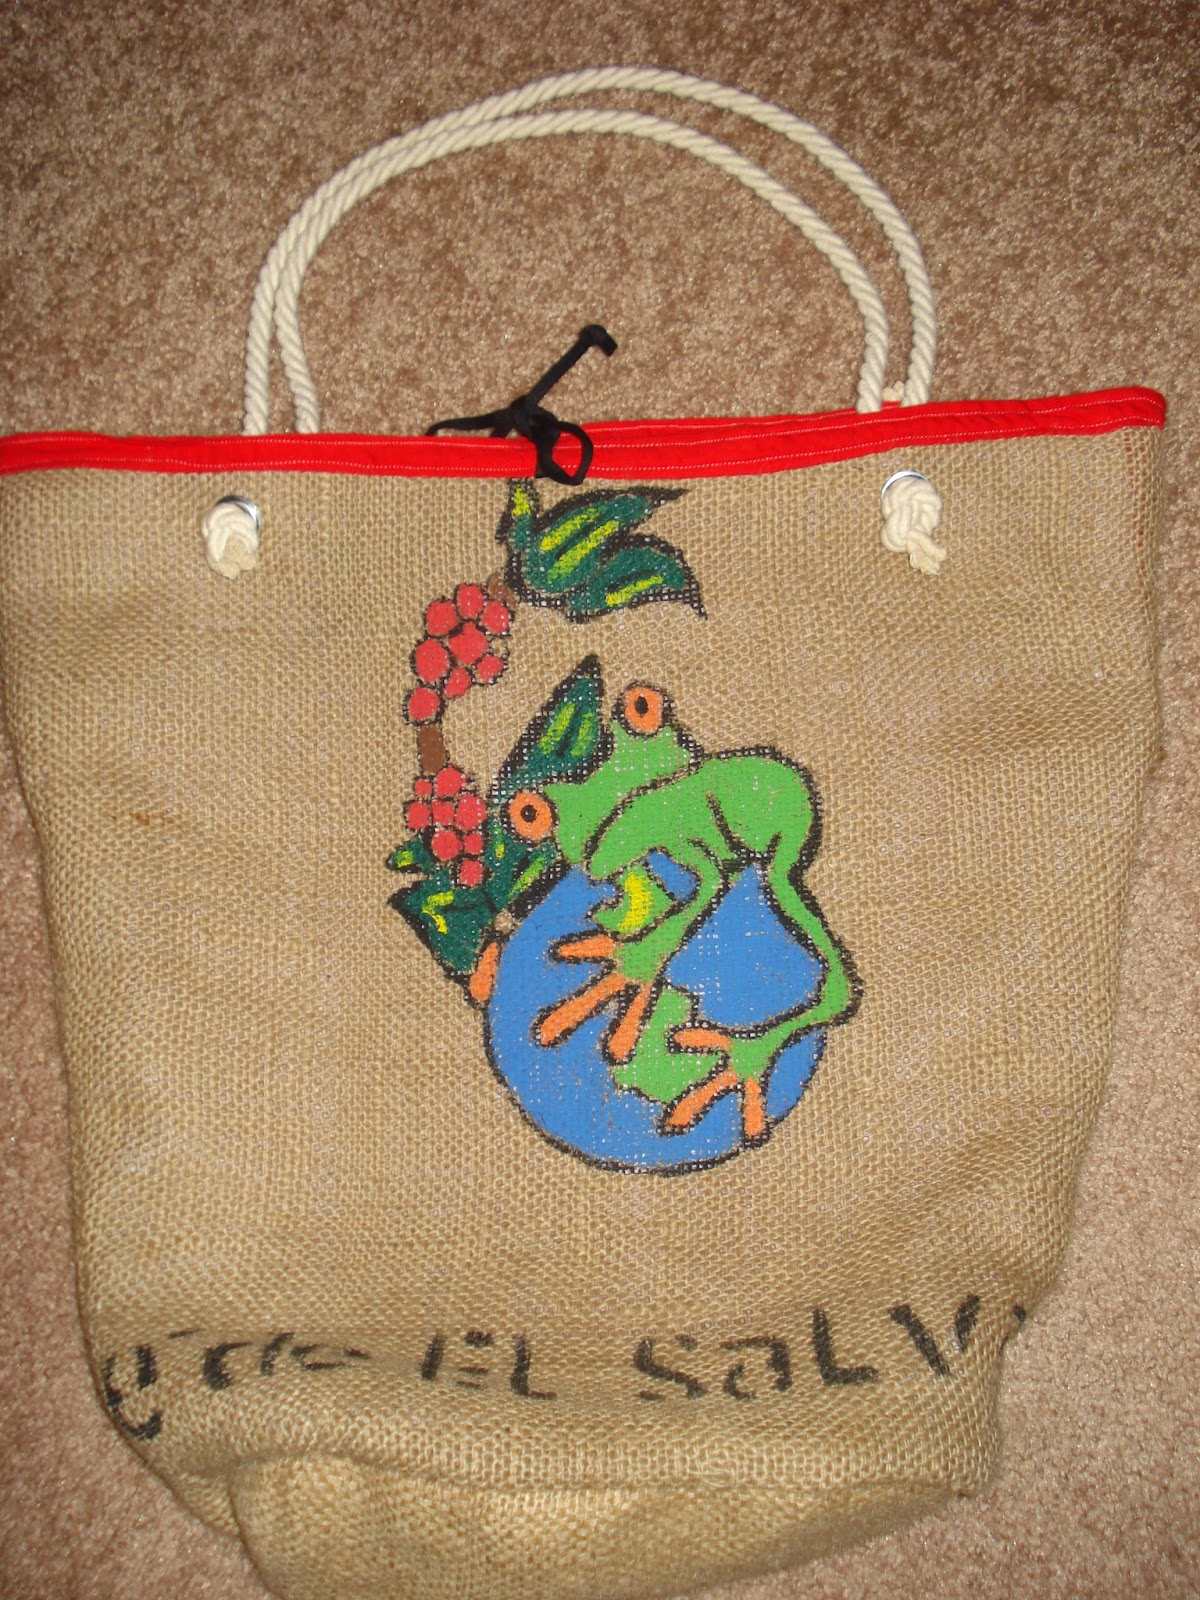 El Salvador burlap beach bag - linaandvi.blogspot.com